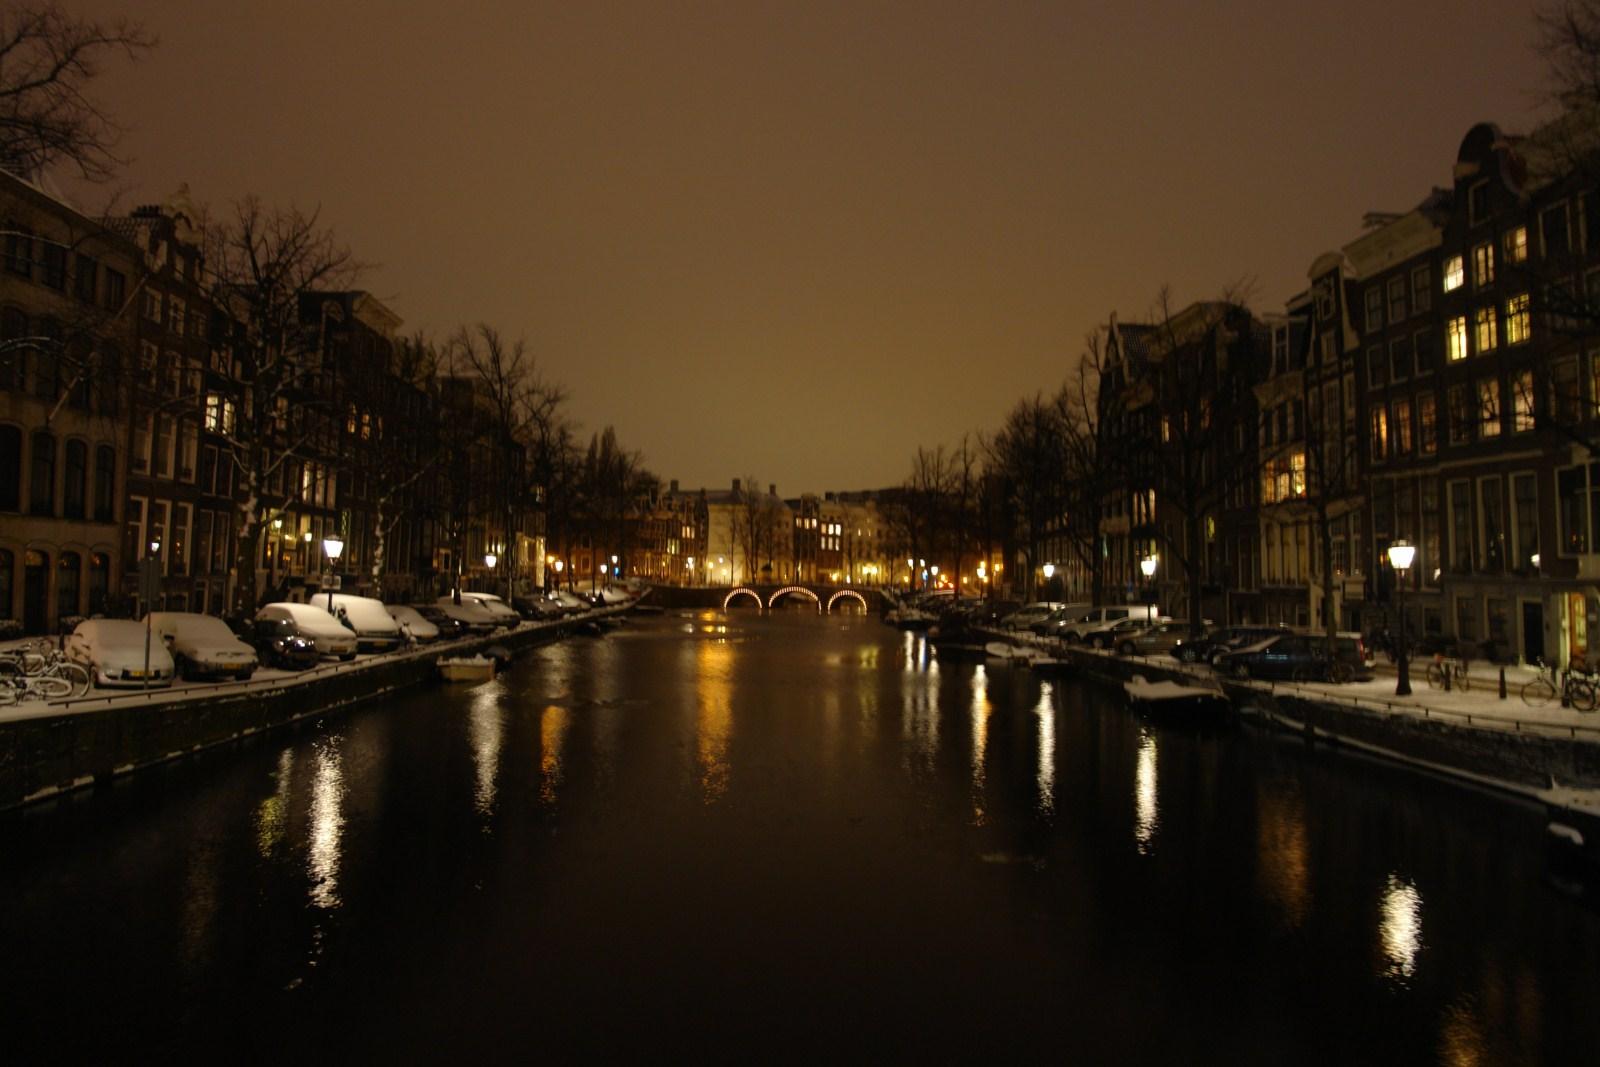 """Nevada y tranquila noche por los canales de la ciudad de Amsterdam intentando volar con """"marihuana airlines"""" desde amsterdam - 5252146896 d4835e5ca1 o - Intentando volar con """"Marihuana Airlines"""" desde Amsterdam"""